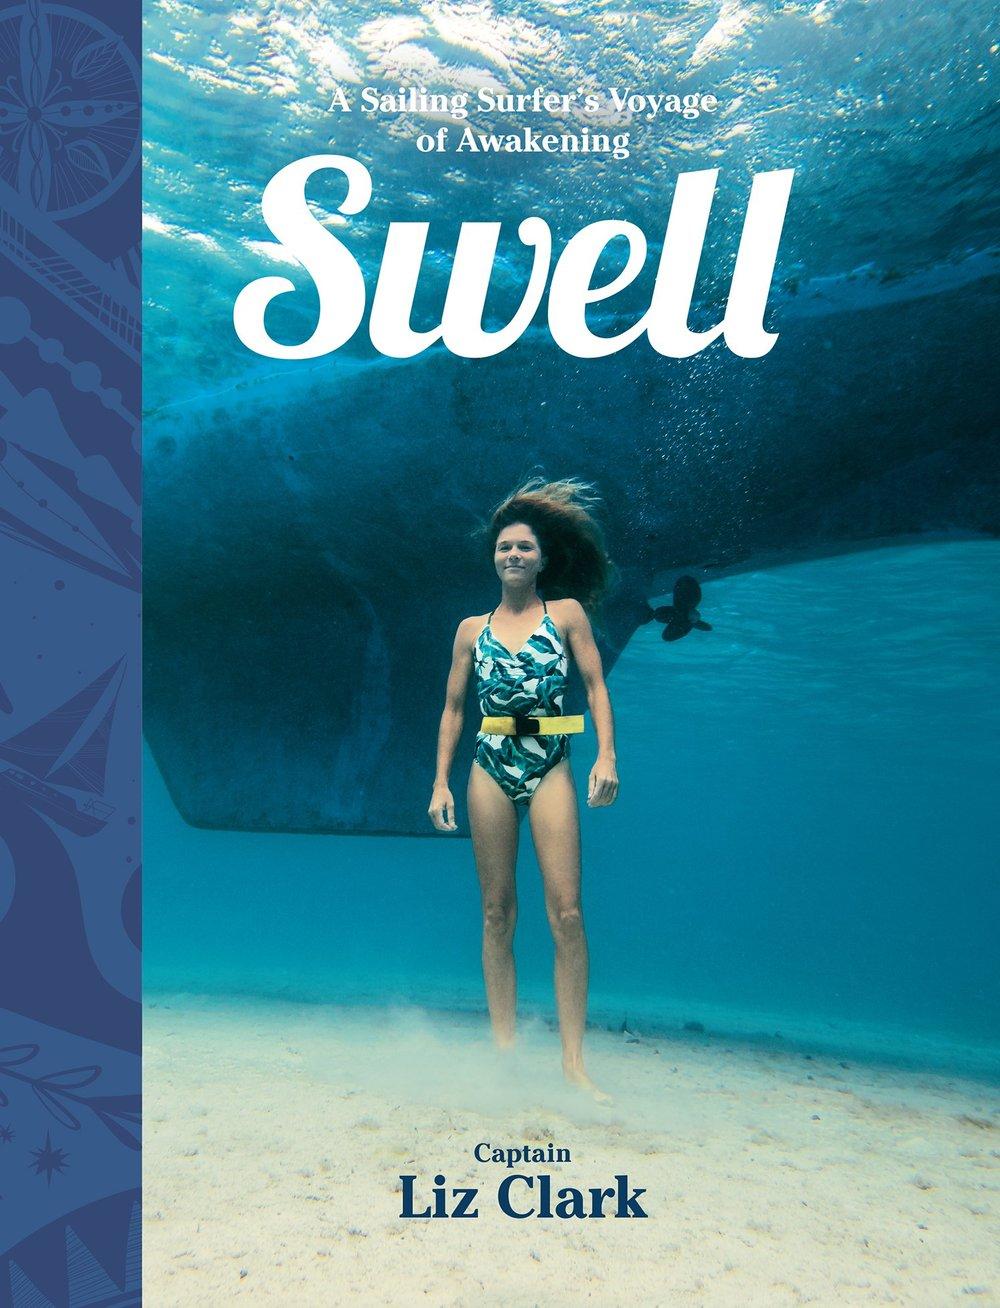 Swell, by Captain Liz Clark